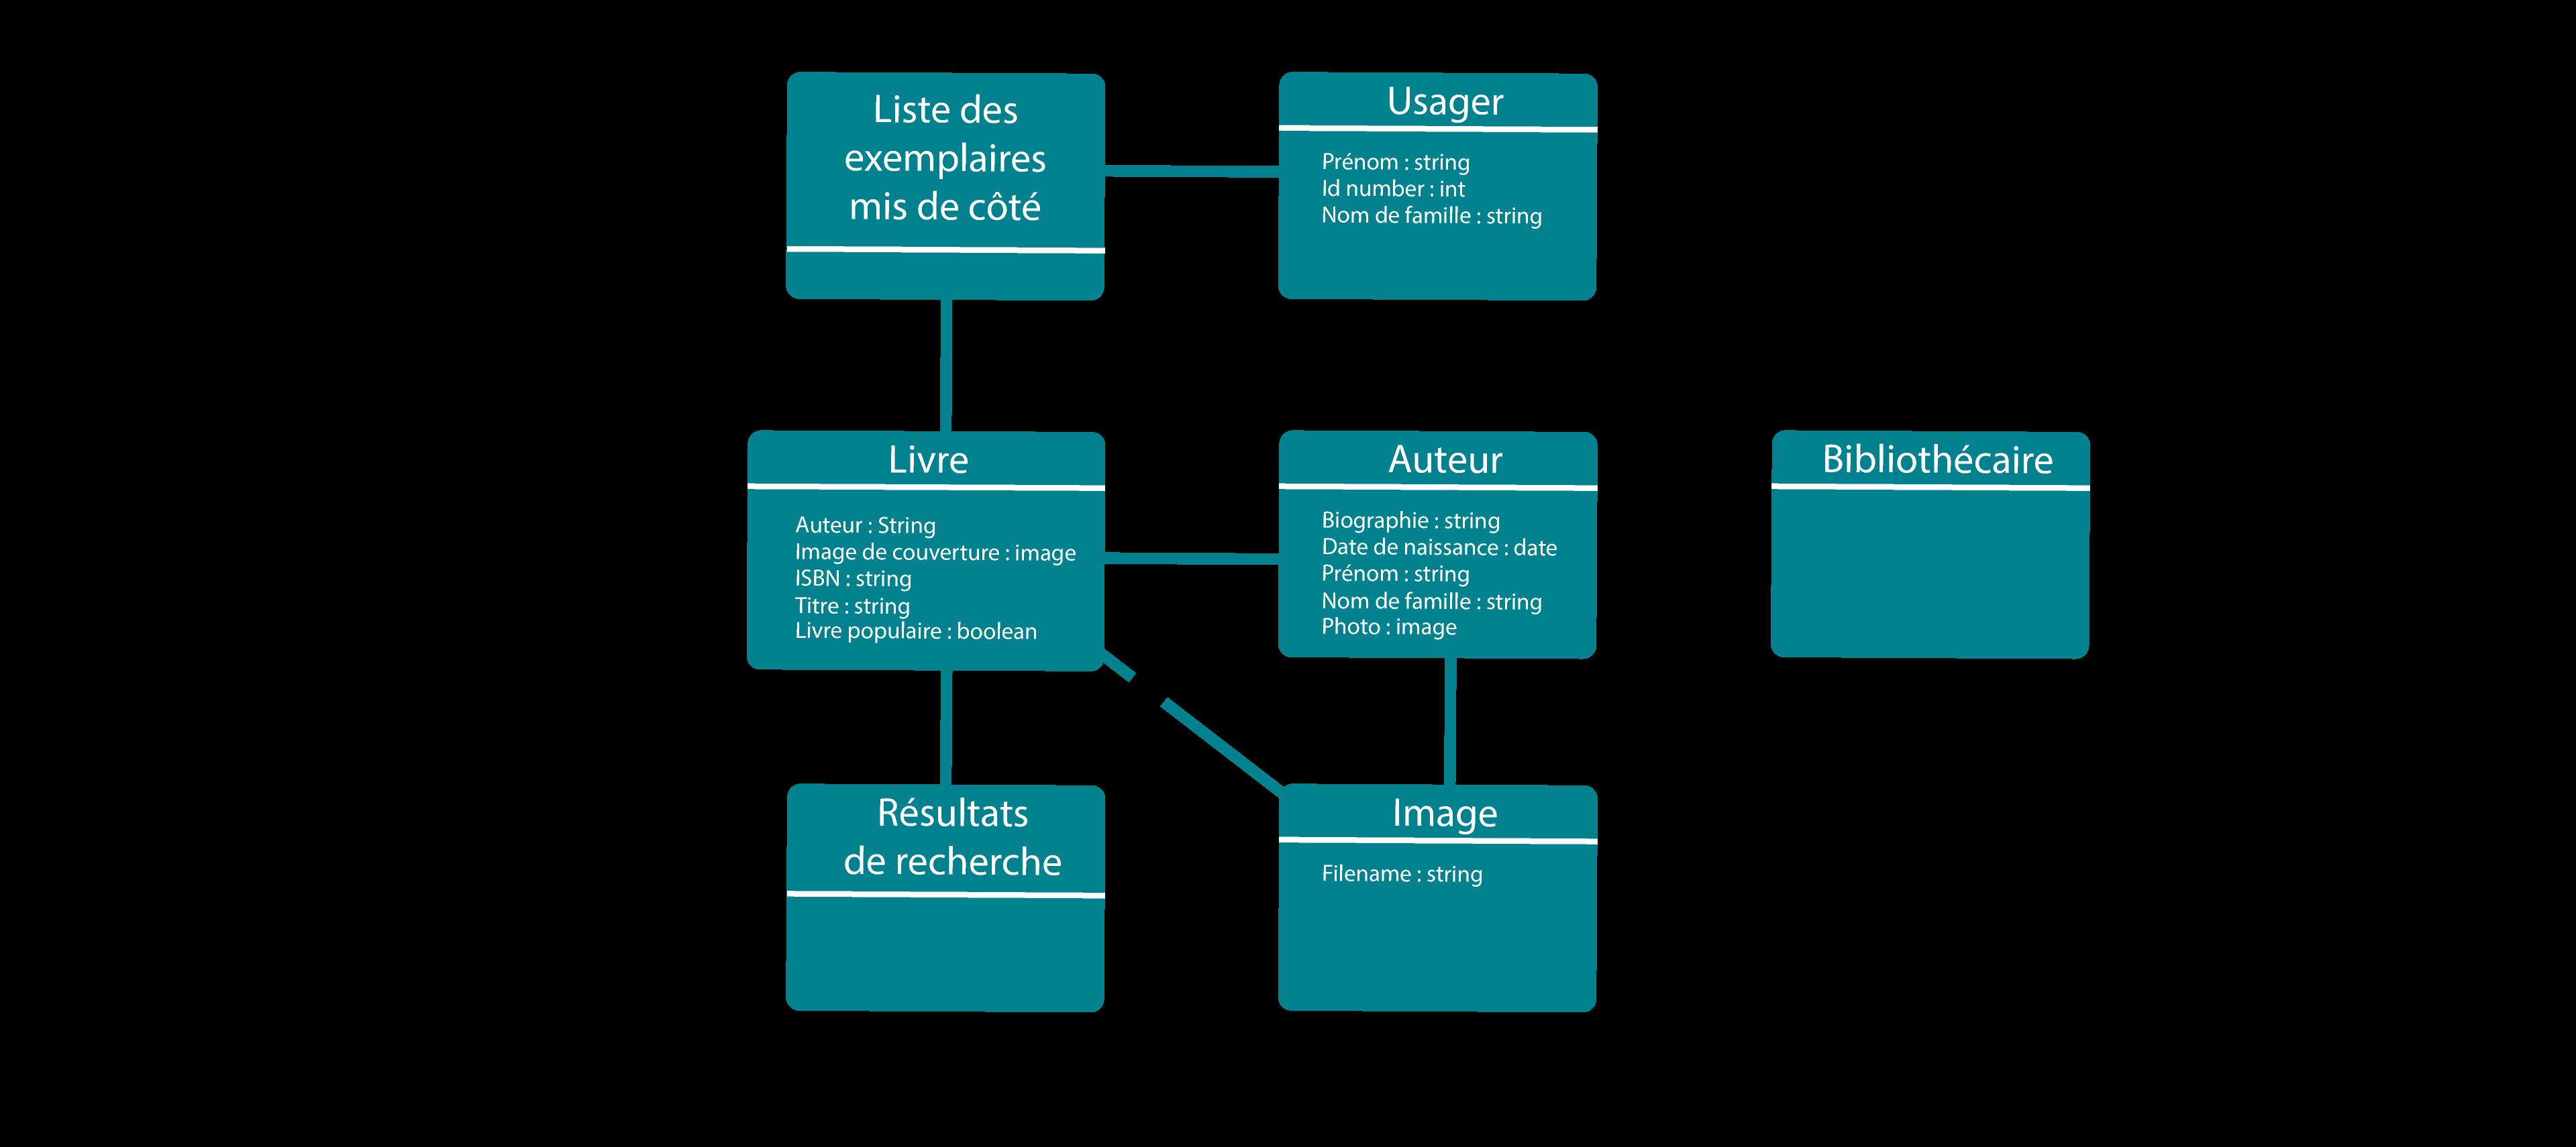 Image représentant le diagramme de classe de la bibliothèque mis à jour